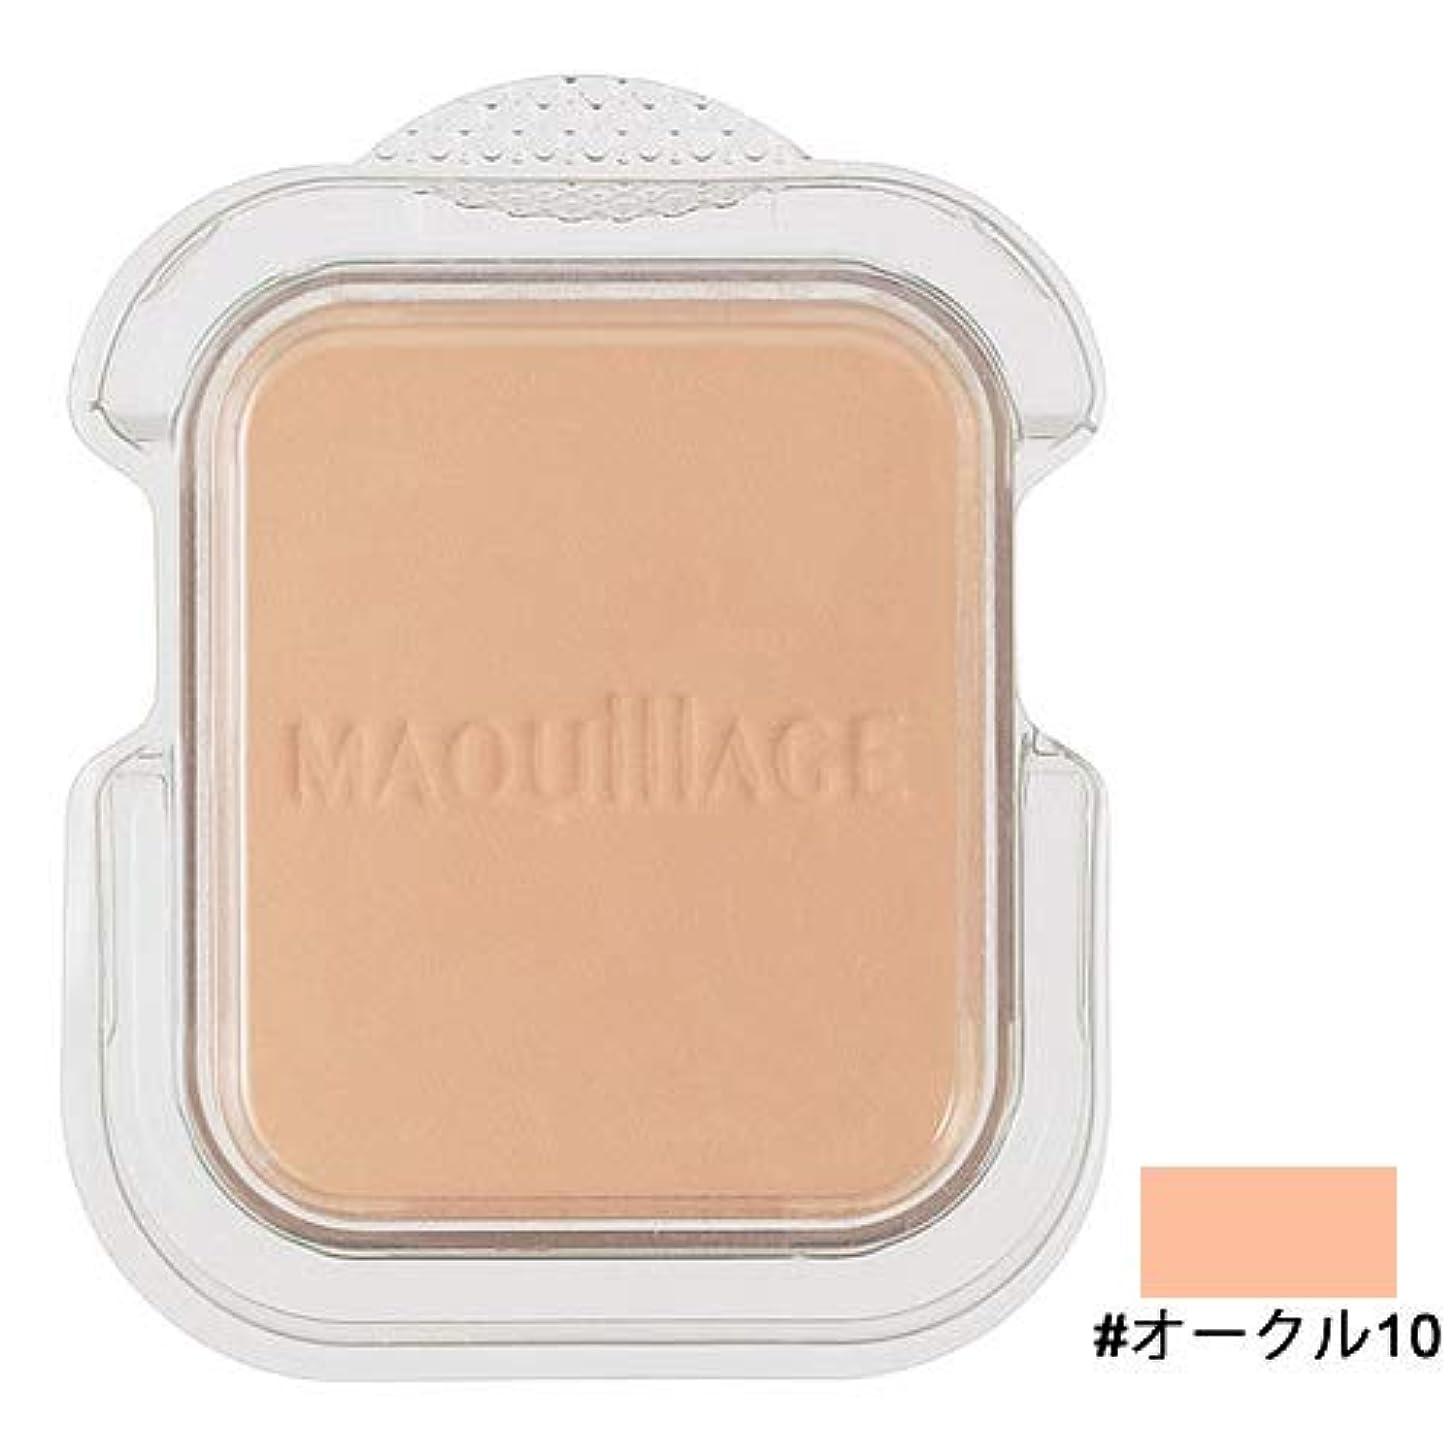 資生堂 マキアージュ ライティング ホワイトパウダリー UV SPF25 PA++ 【レフィル】 10g オークル10 [並行輸入品]